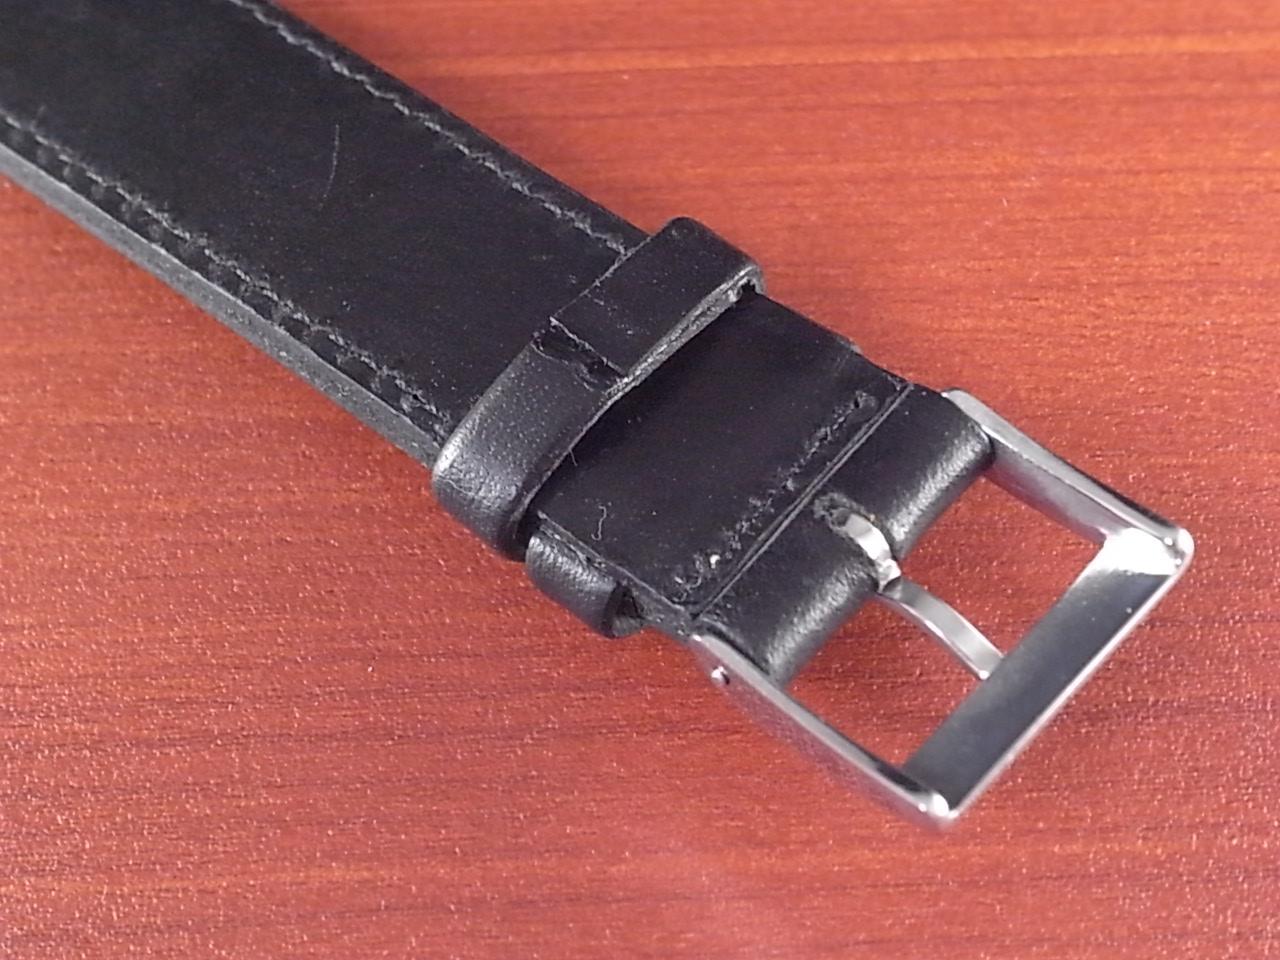 ホーウィン クロムエクセル レギュラー ブラック 16、17、18、19、20mmの写真4枚目